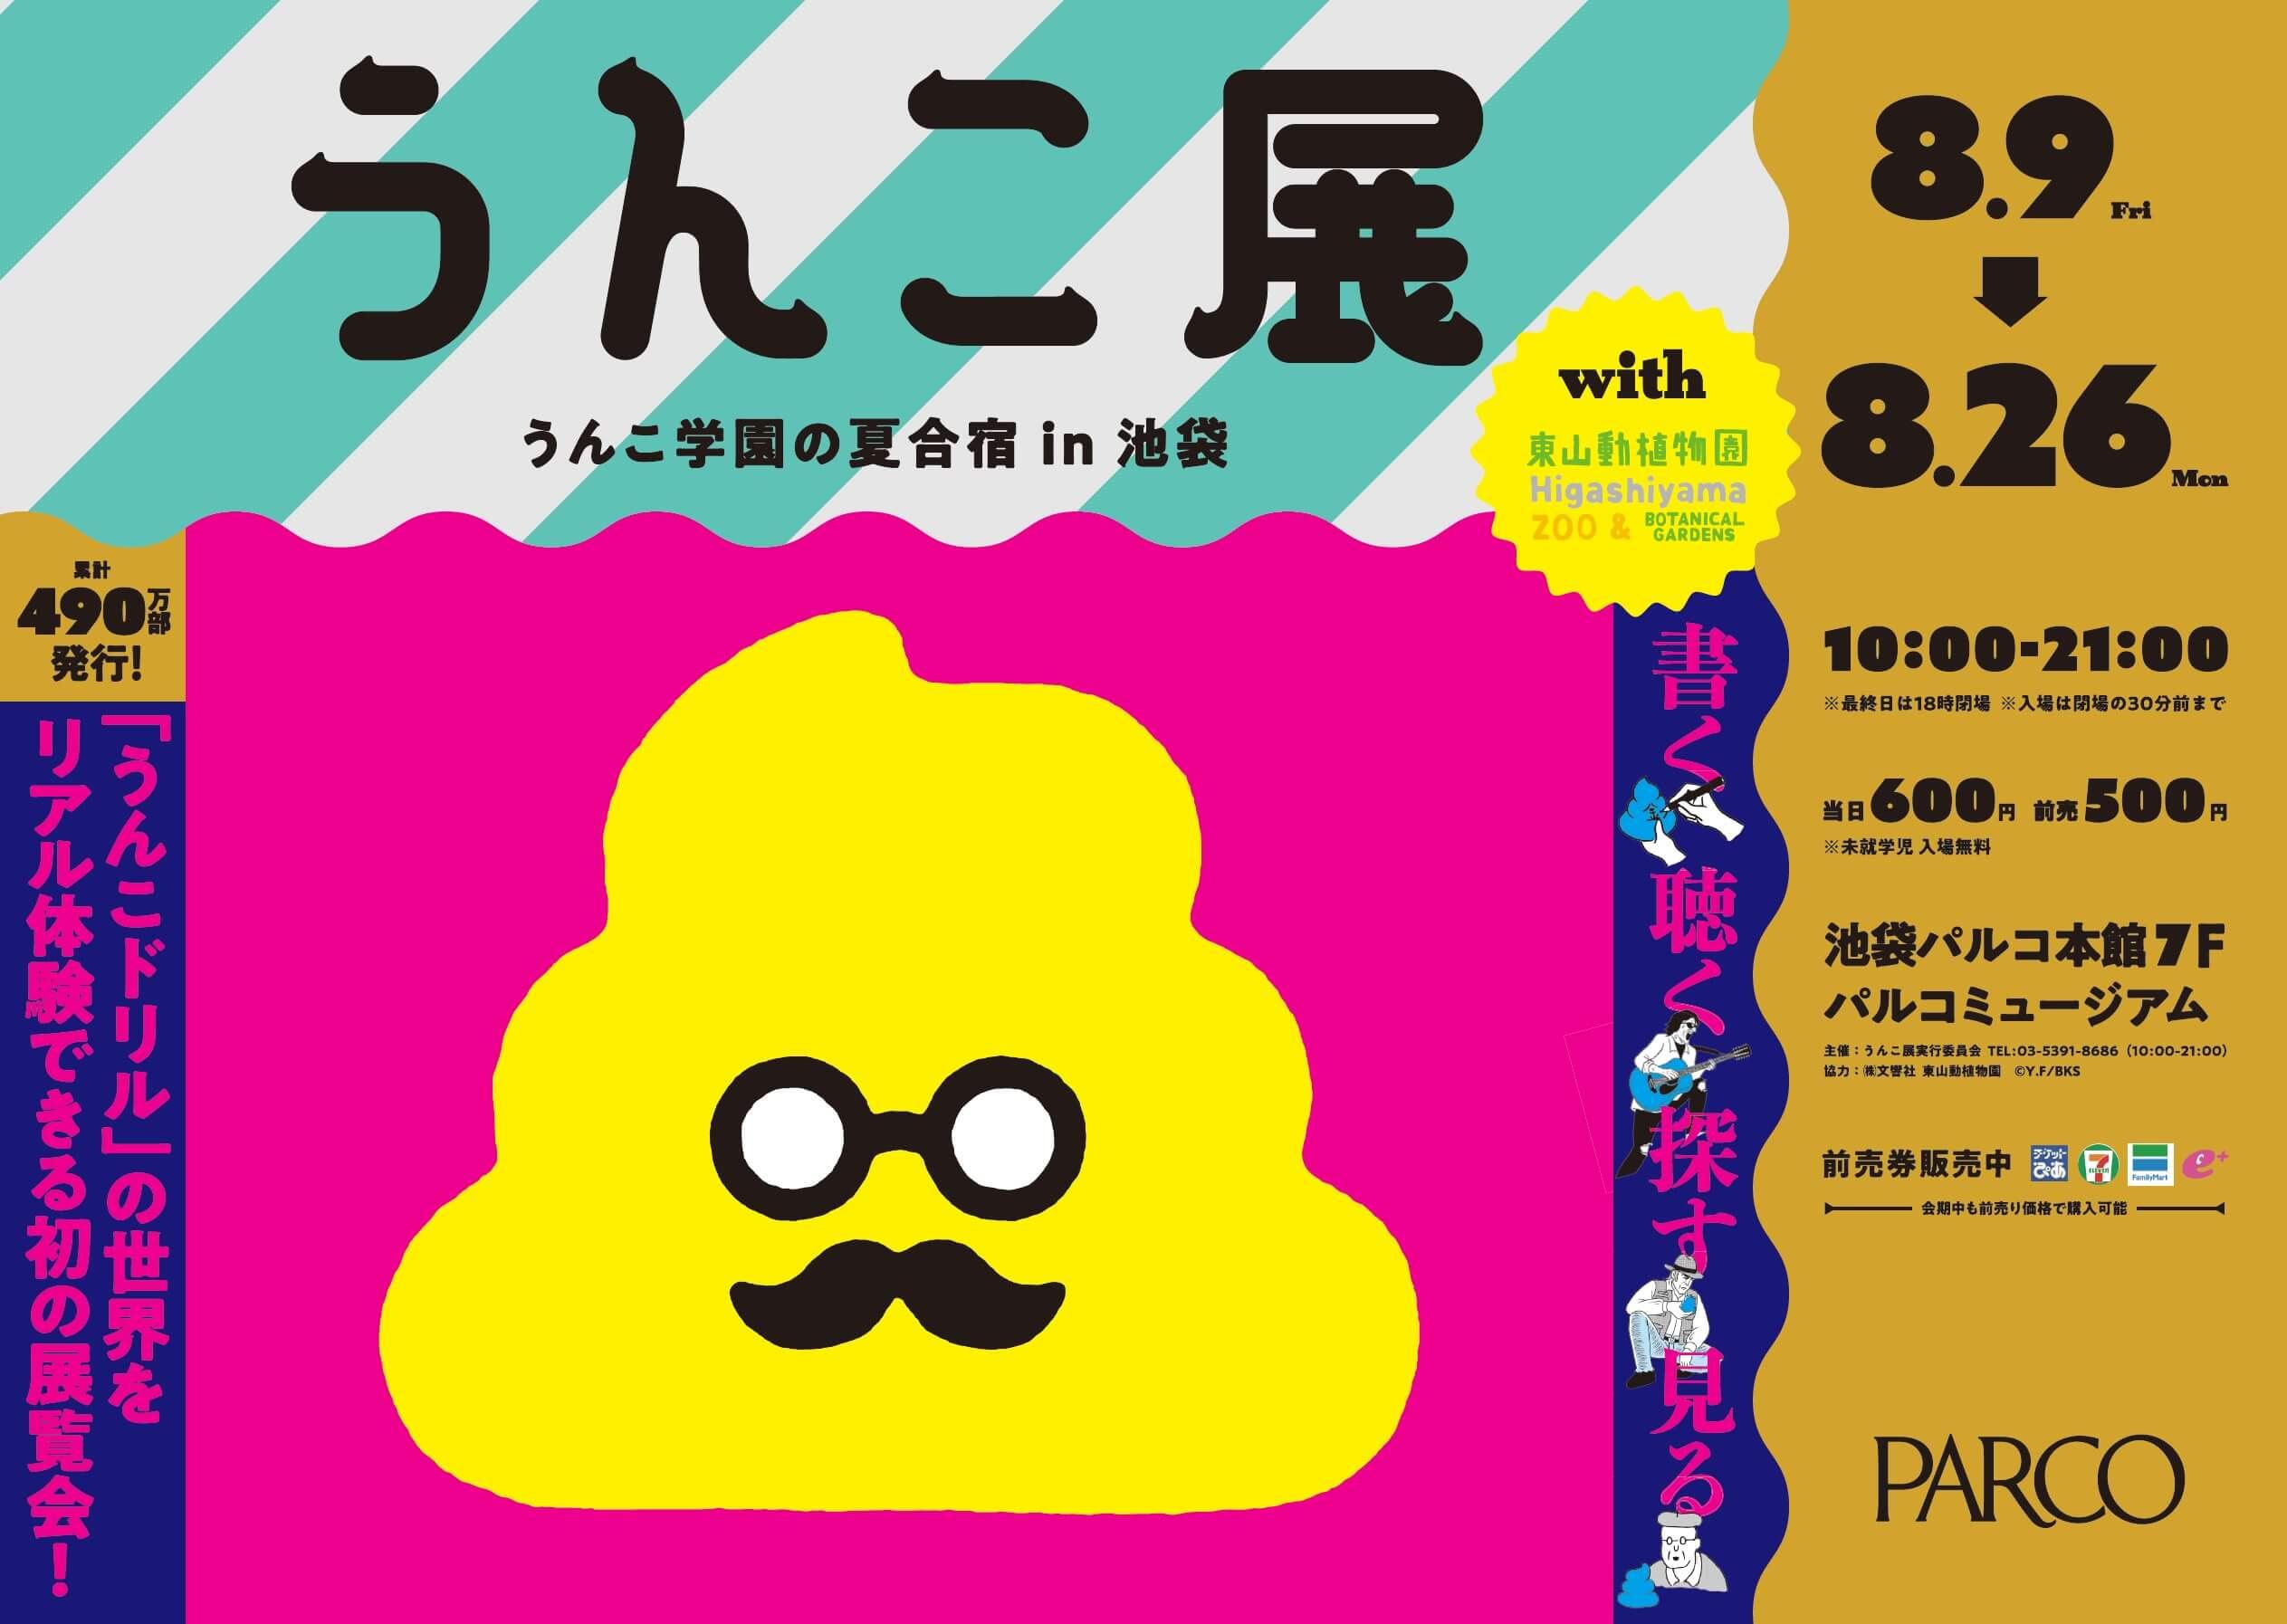 うんこドリル うんこ展 池袋 Unko exhibition ikebukuro